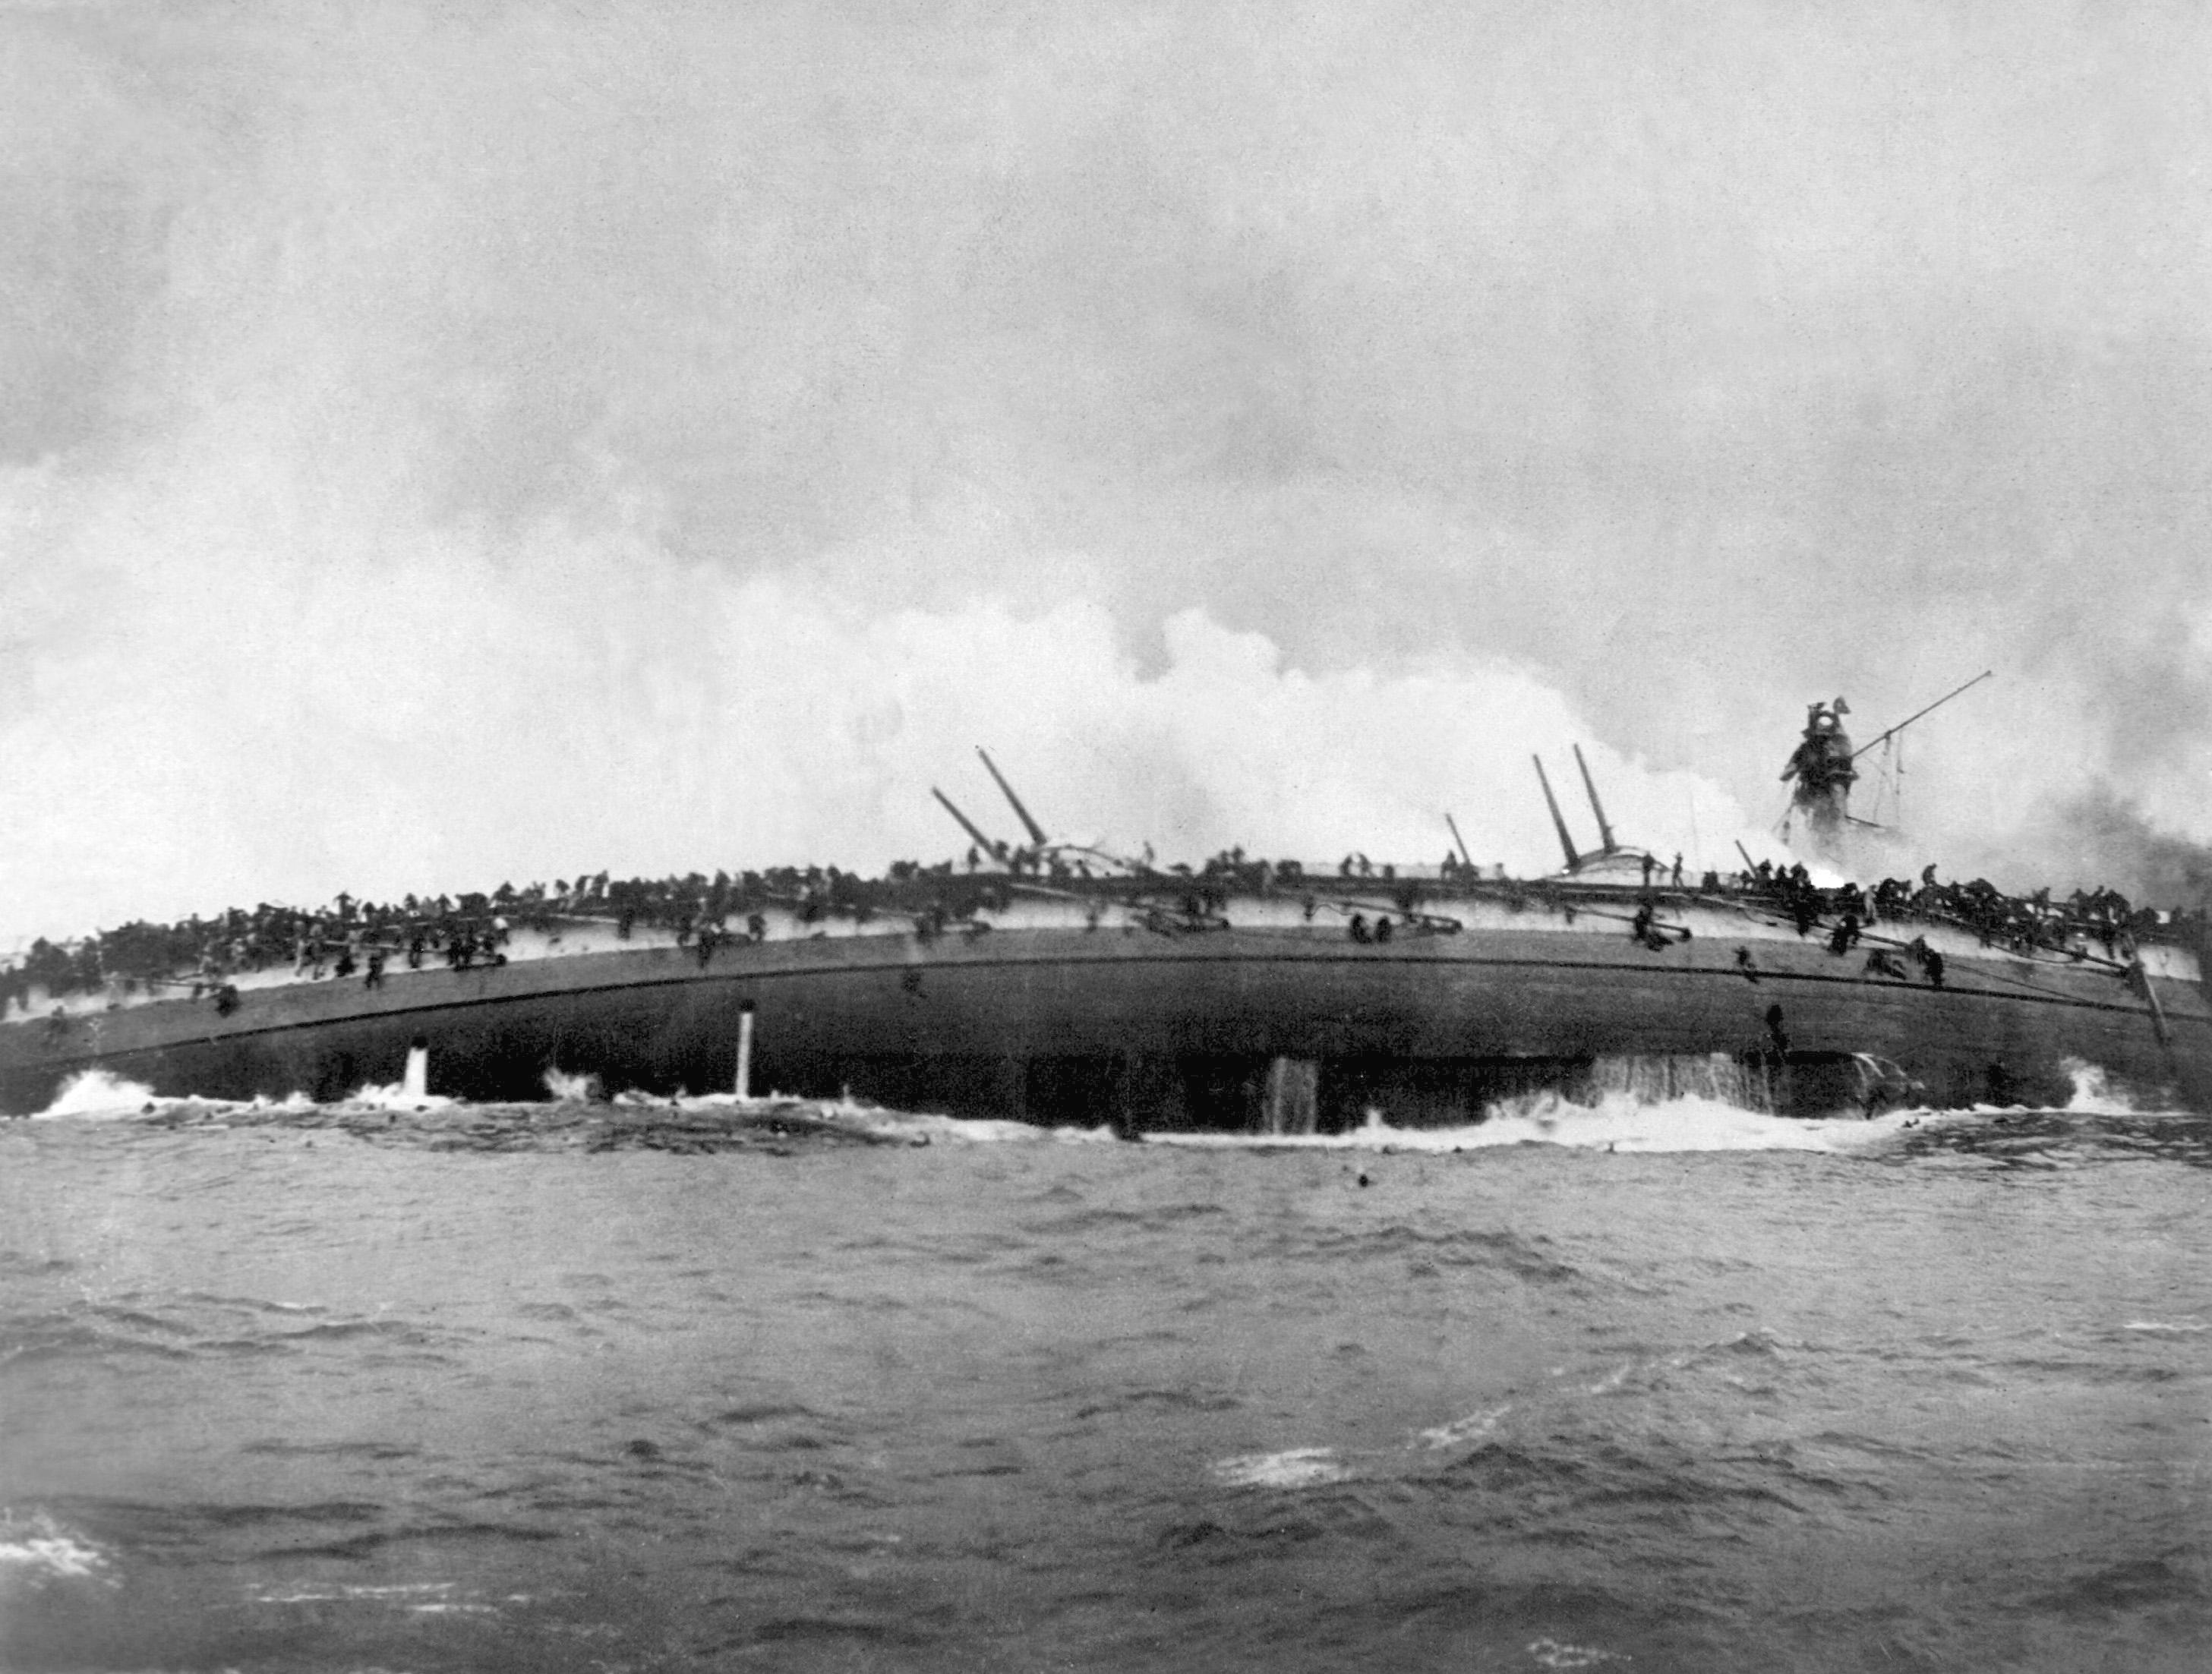 Untergang des deutschen Großen Kreuzers SMS Blücher im Gefecht auf der Doggerbank, die Besatzung versucht sich über die Schiffswände zu retten (berühmte Kriegsfotografie)